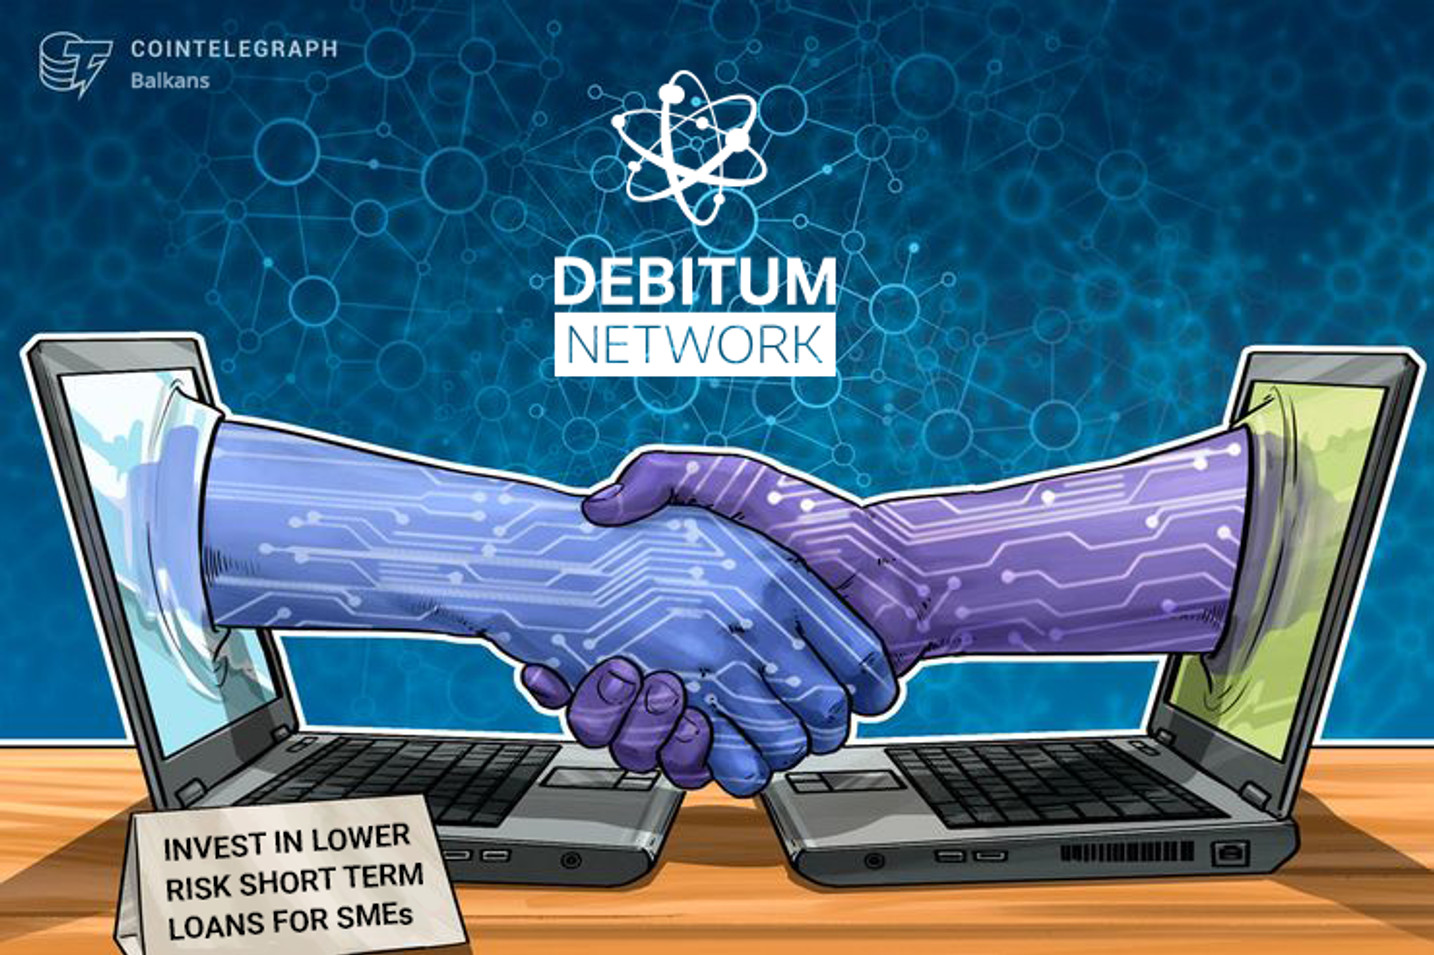 Debitum Network: kratkoročni i nisko rizični poslovni krediti za investiranje